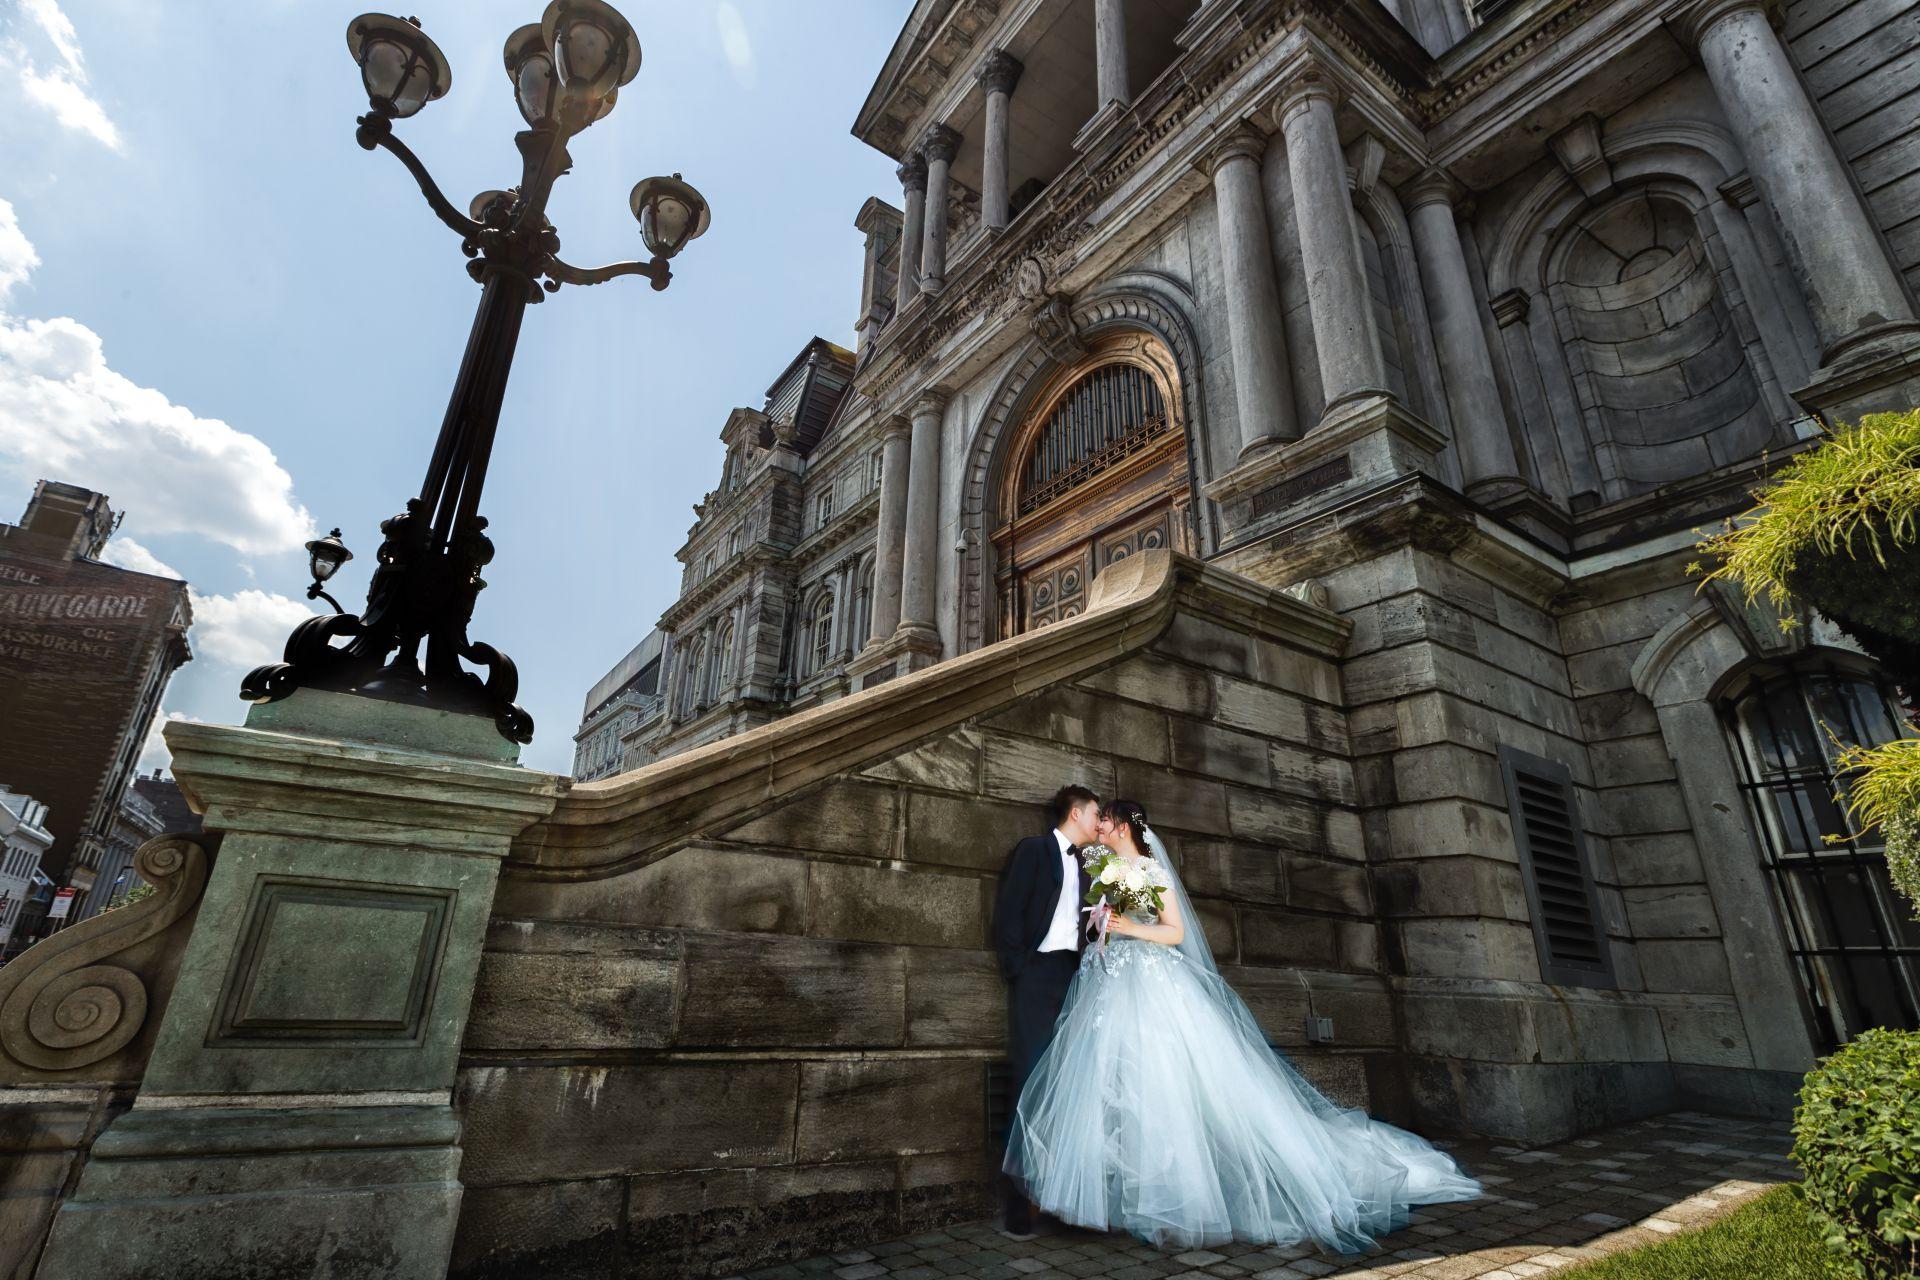 油畫風格婚紗照